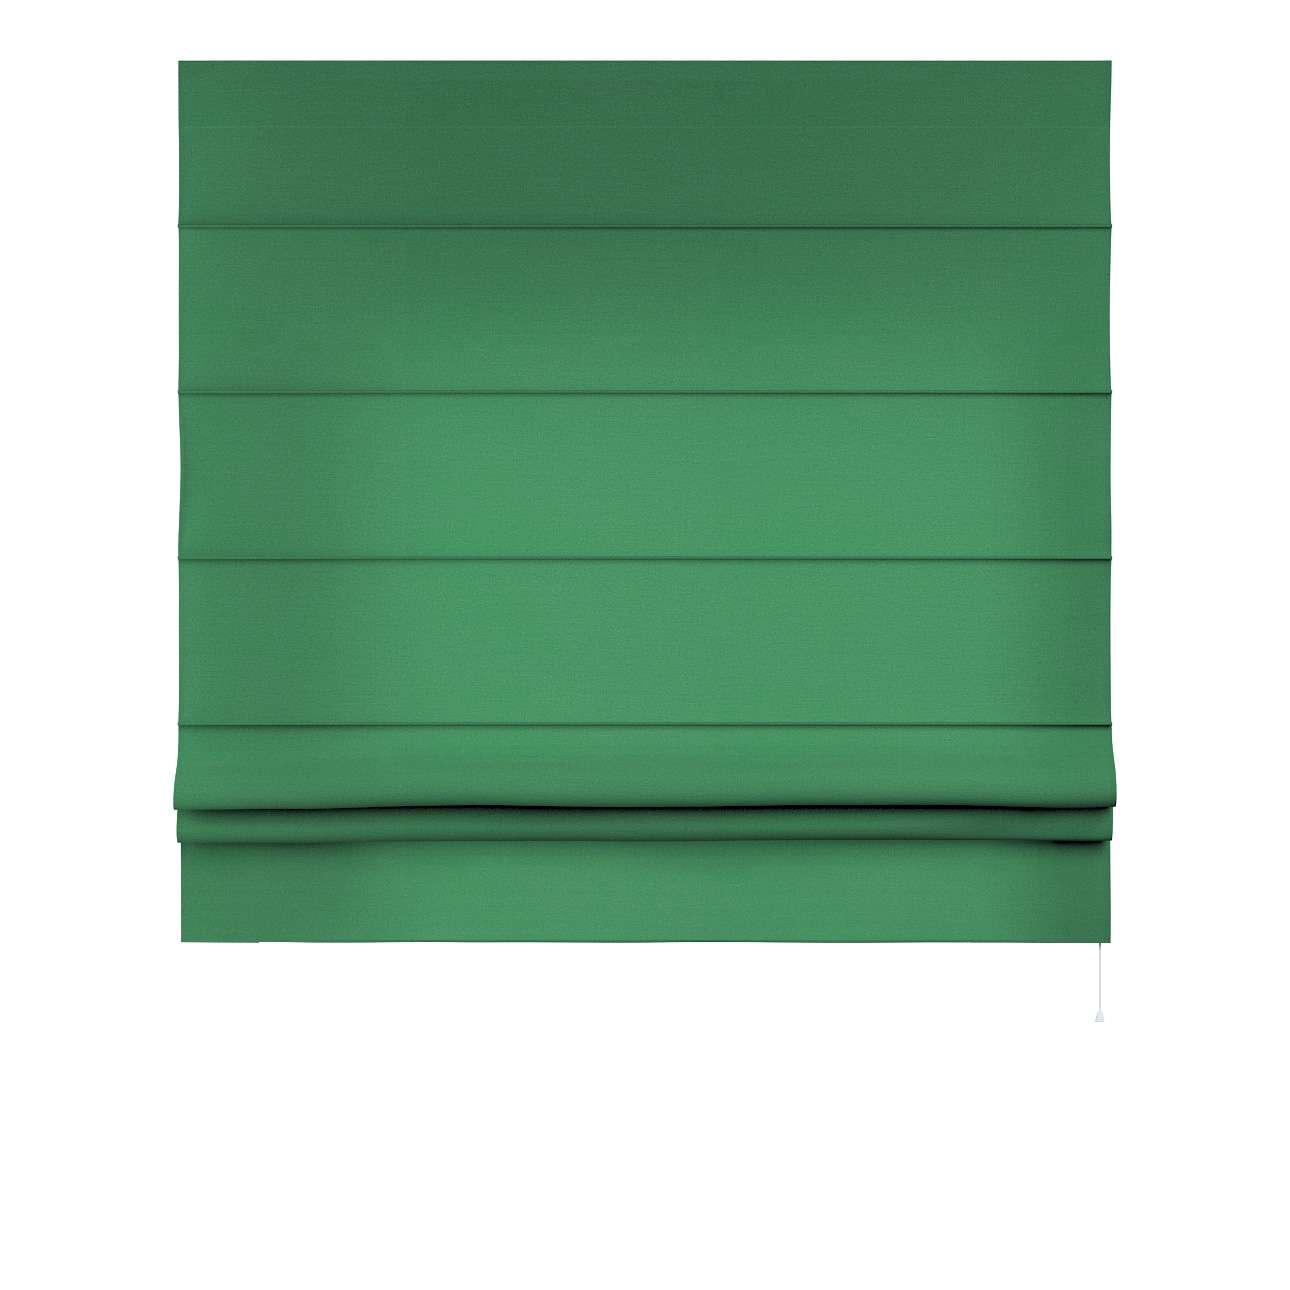 Romanetės Padva 80 x 170 cm (plotis x ilgis) kolekcijoje Loneta , audinys: 133-18